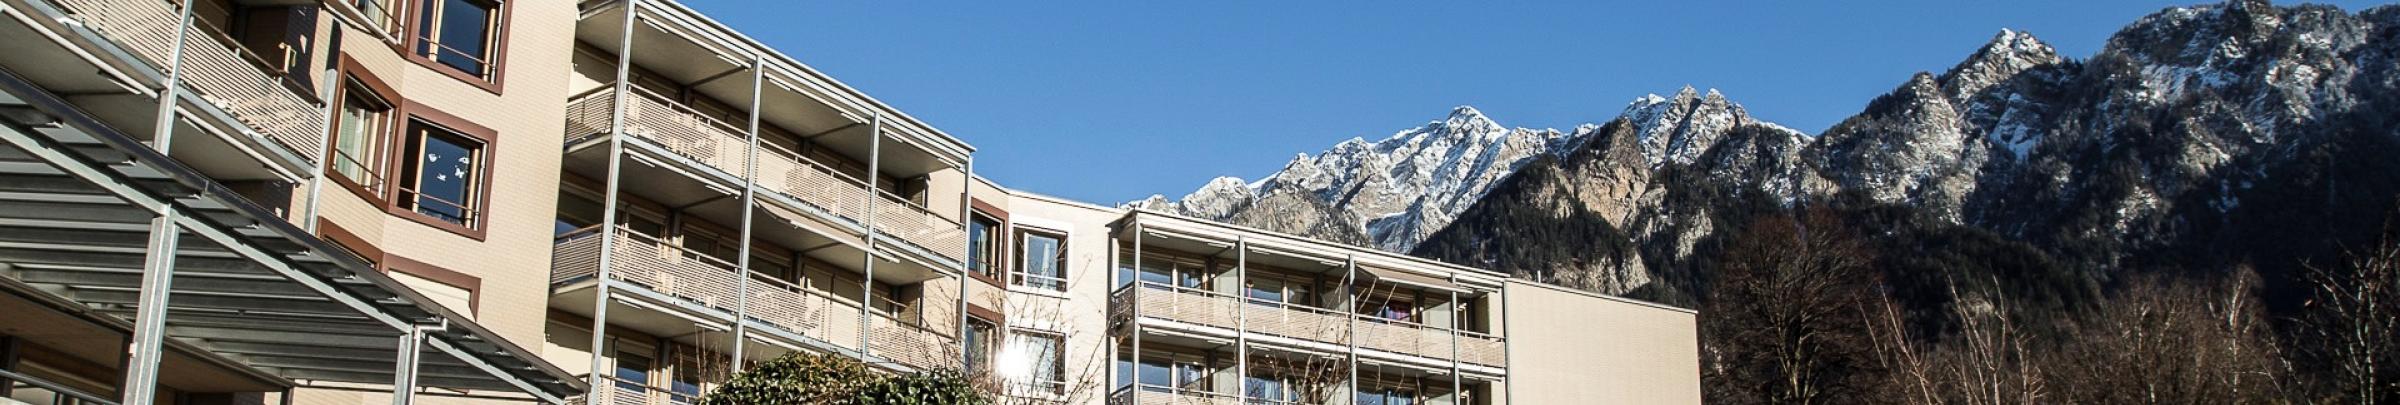 Betriebliche und personelle Vorgaben des Kantons Graubünden sorgen dafür, dass für alle Angebote eine hohe Pflegequalität sichergestellt werden kann.